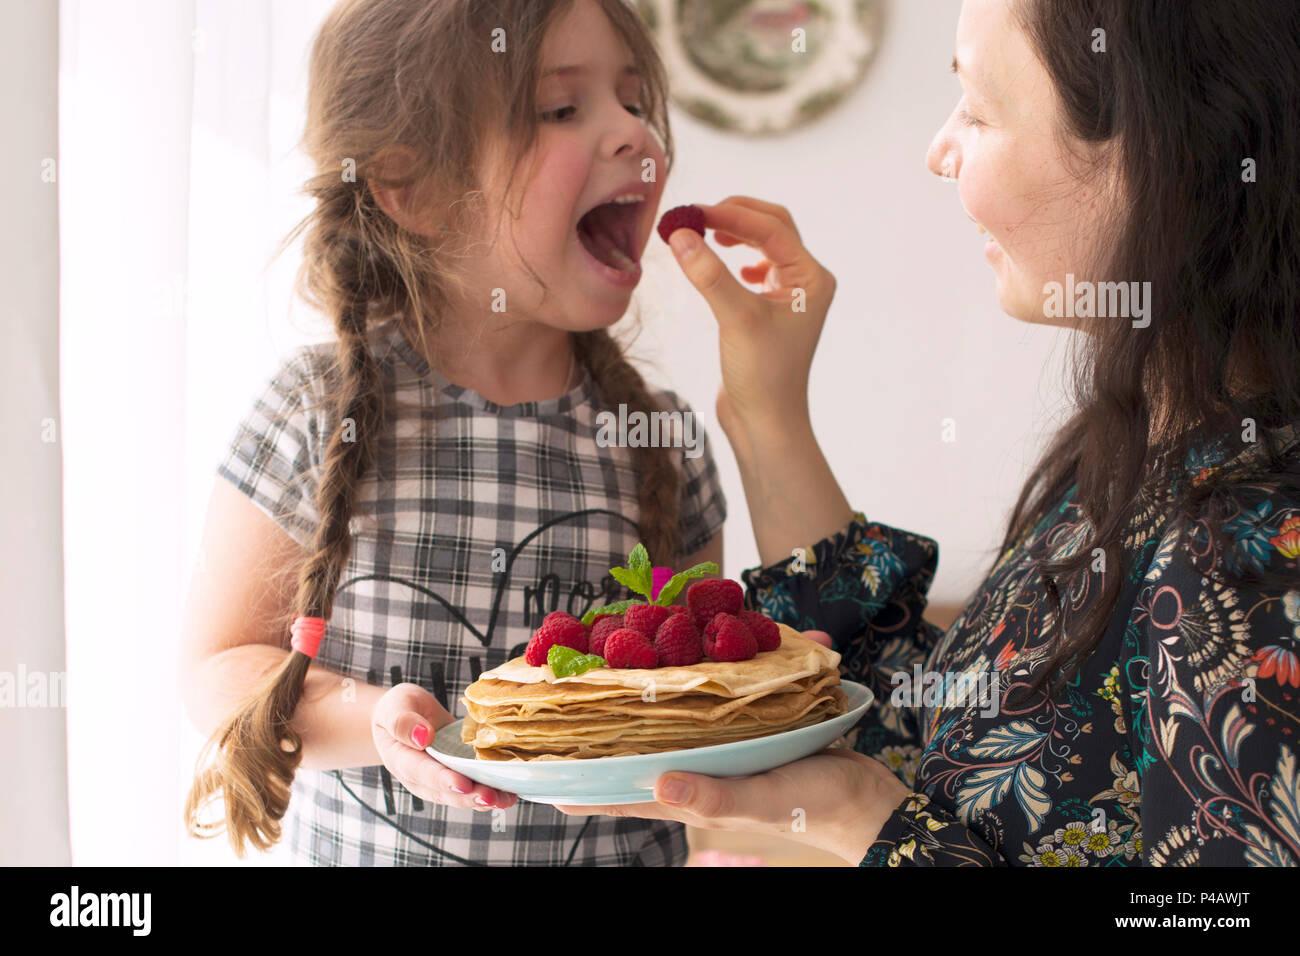 La mamma e la ragazza sono in possesso di una piastra con Pancake fatti in casa e bacche. La deliziosa prima colazione a casa. Una famiglia felice. Buongiorno, Immagini Stock